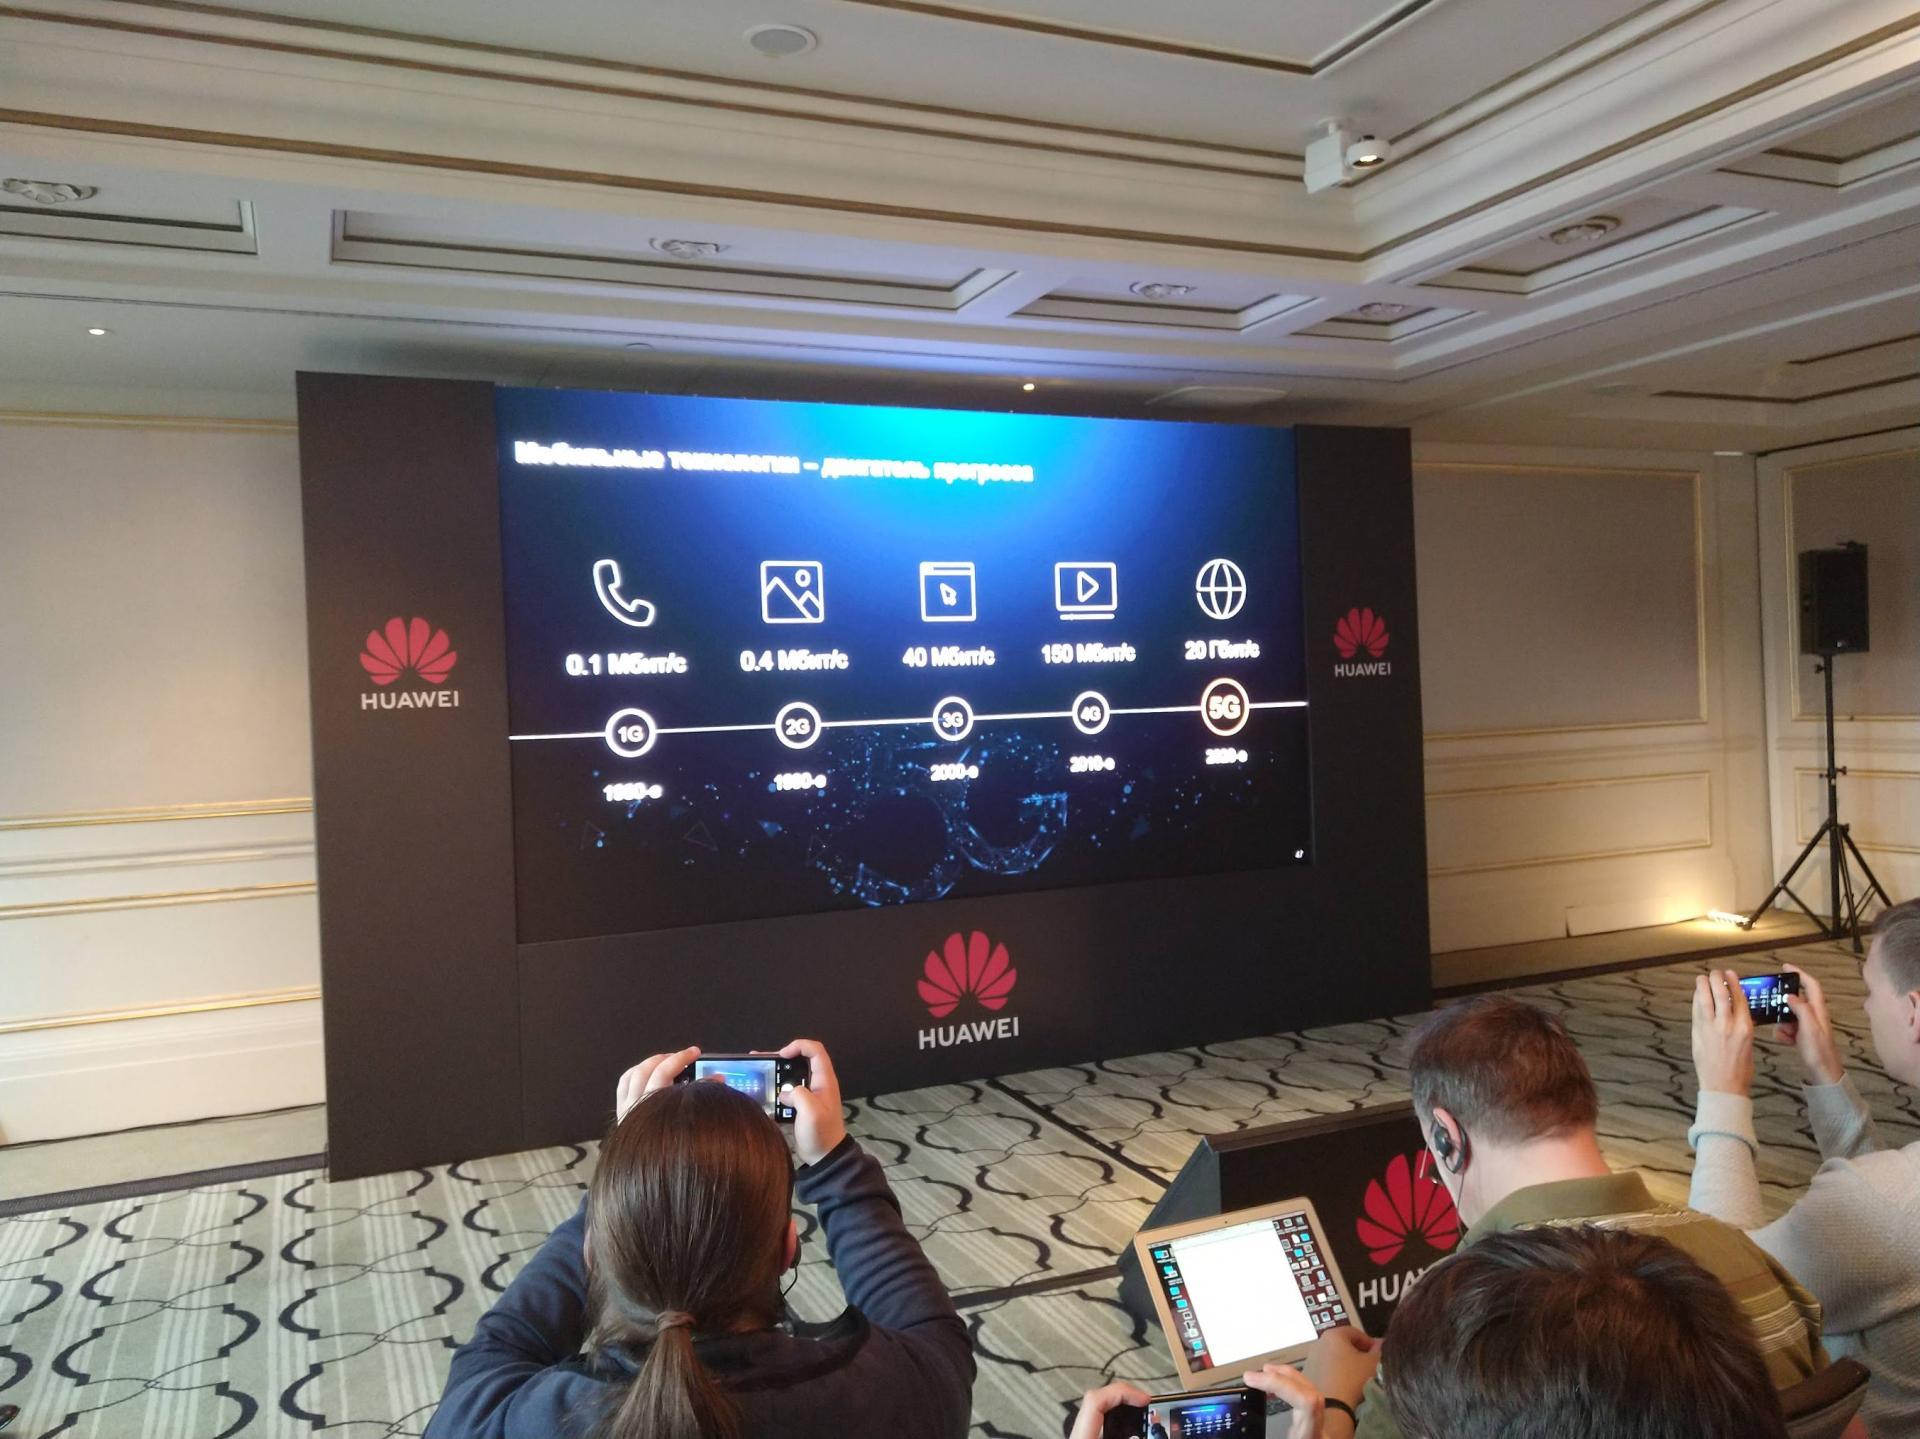 Специалисты HUAWEI рассказали осостоянии иперспективах развития технологий 5G